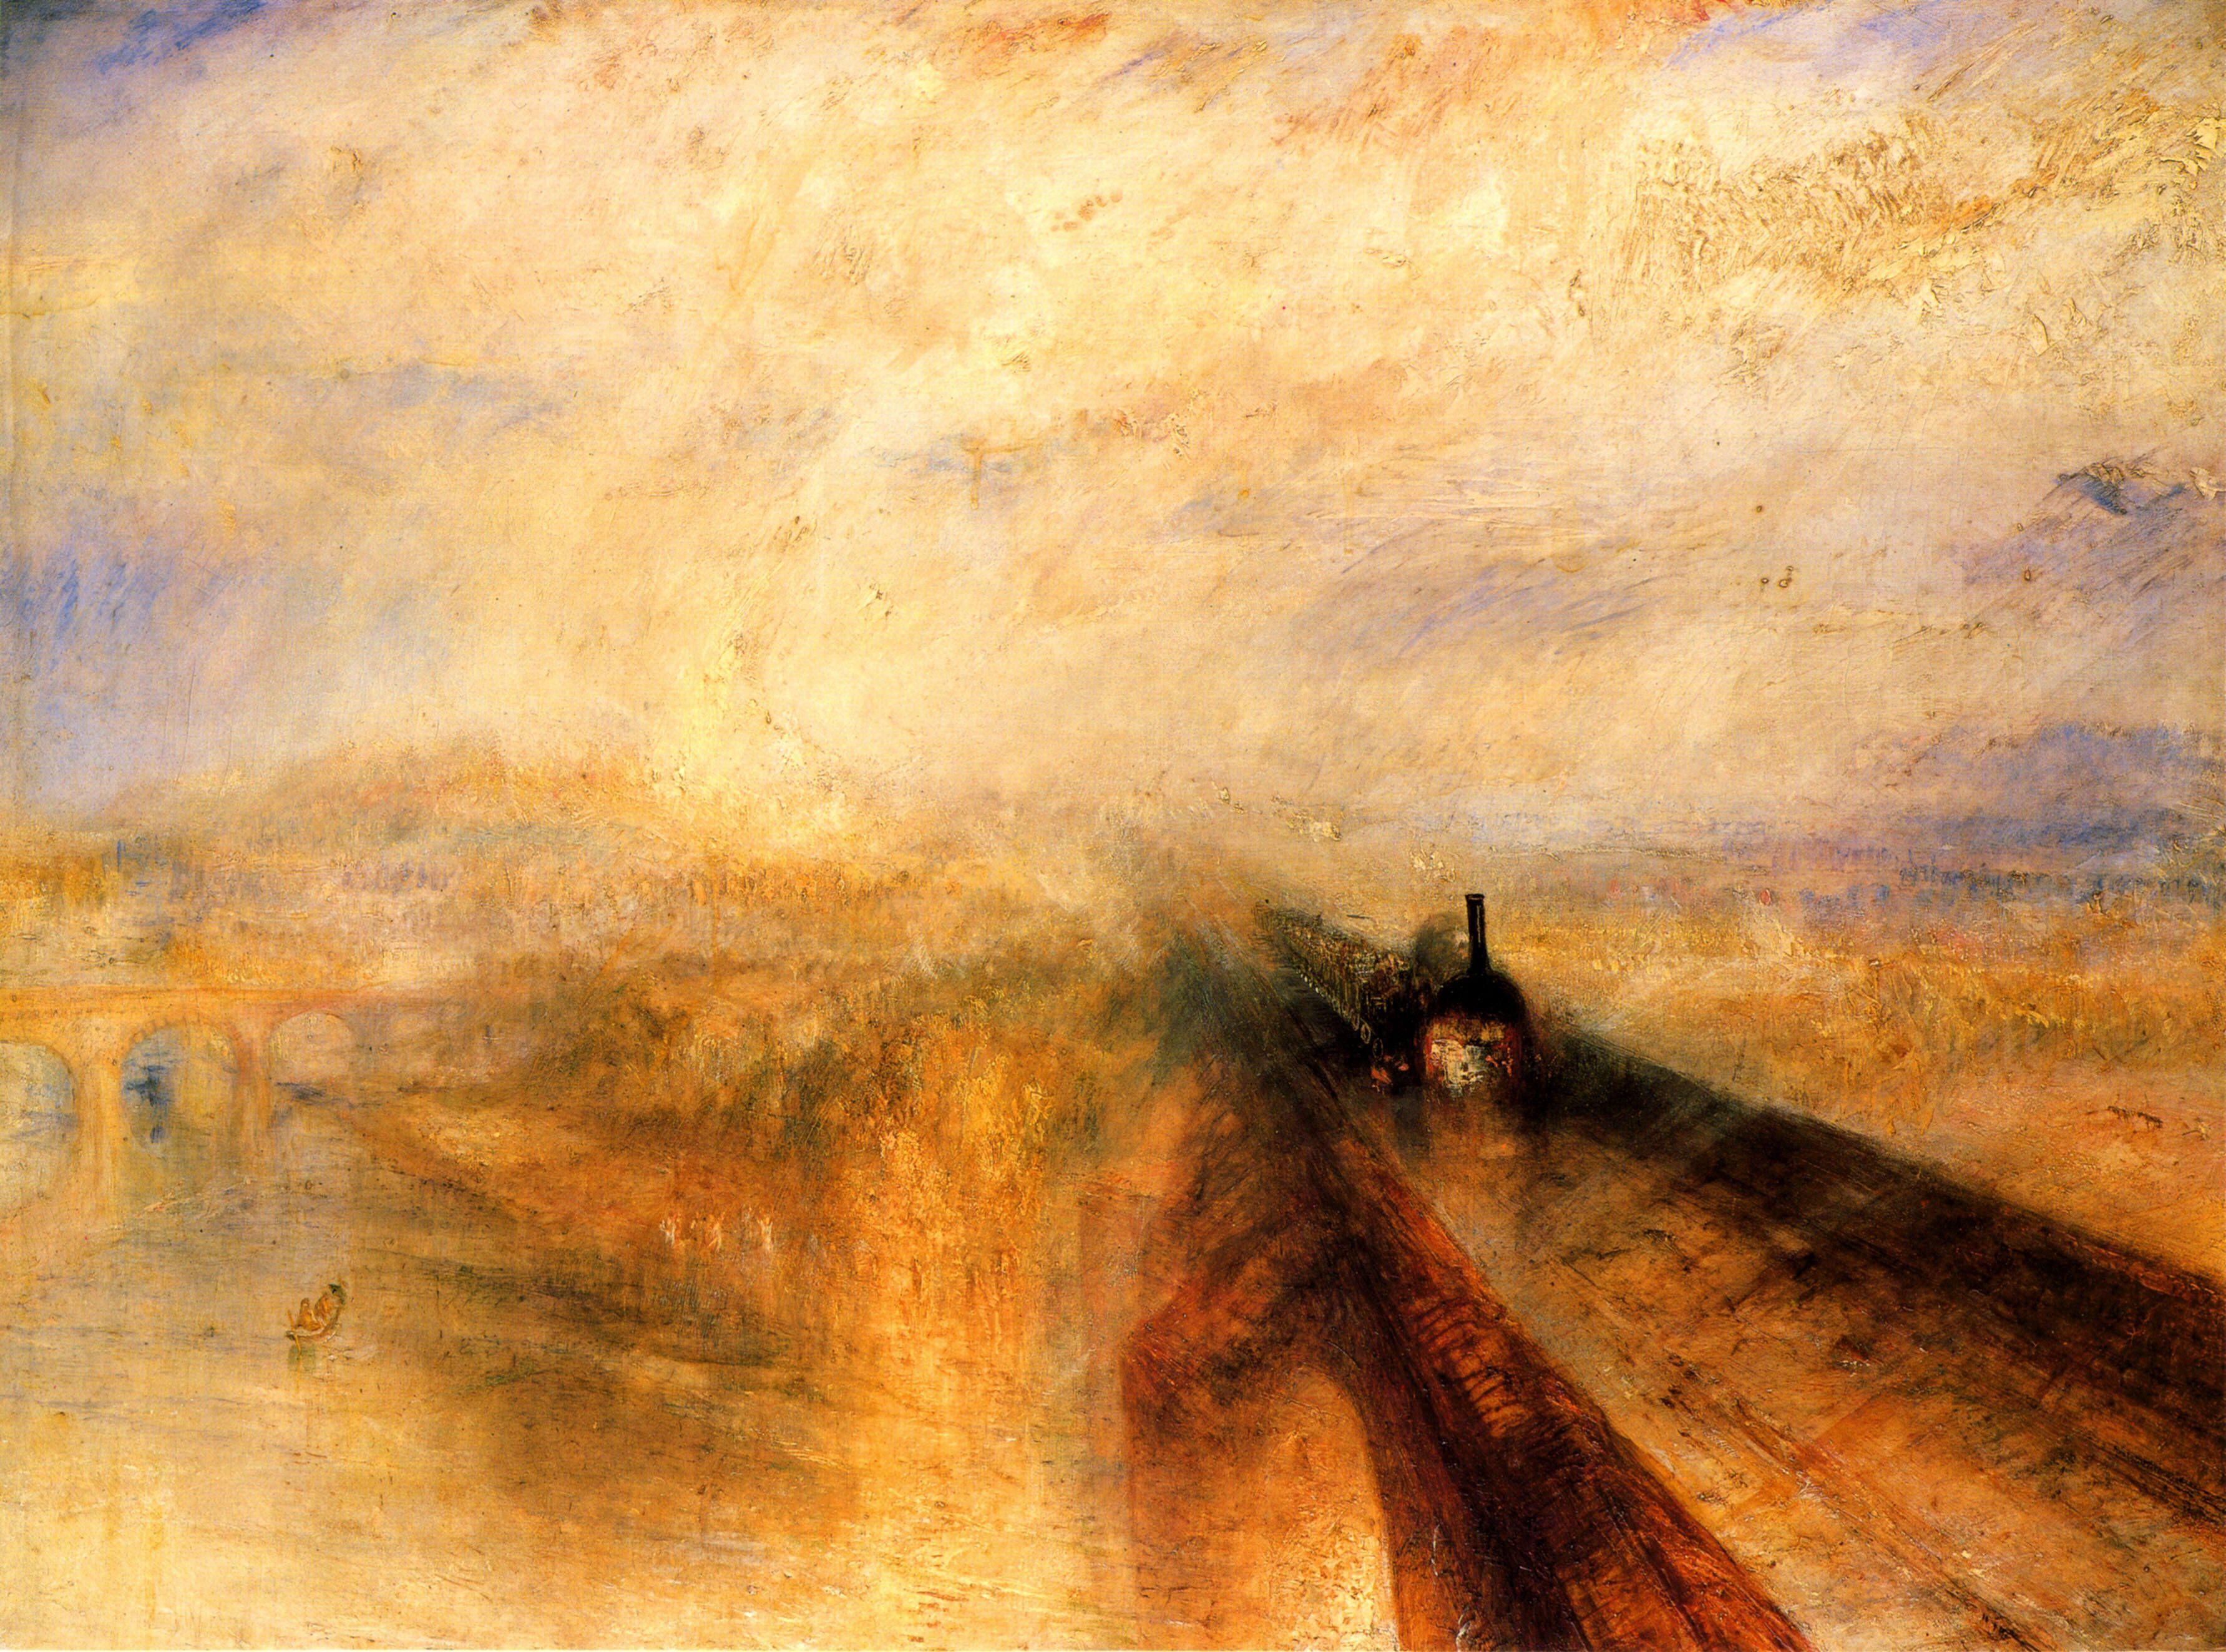 J. M. W. Turner, Pioggia, vapore e velocità. La grande ferrovia occidentale, 1844, Londra, National Gallery. La tela, quasi esclusivamente composta da toni gialli, sembra bucata dalla nera locomotiva, che sfreccia, simbolo delle conquiste della tecnica, e che pare imporsi su un insieme di immagini antiche e naturali, sopraffatte dalla dinamicità del treno.